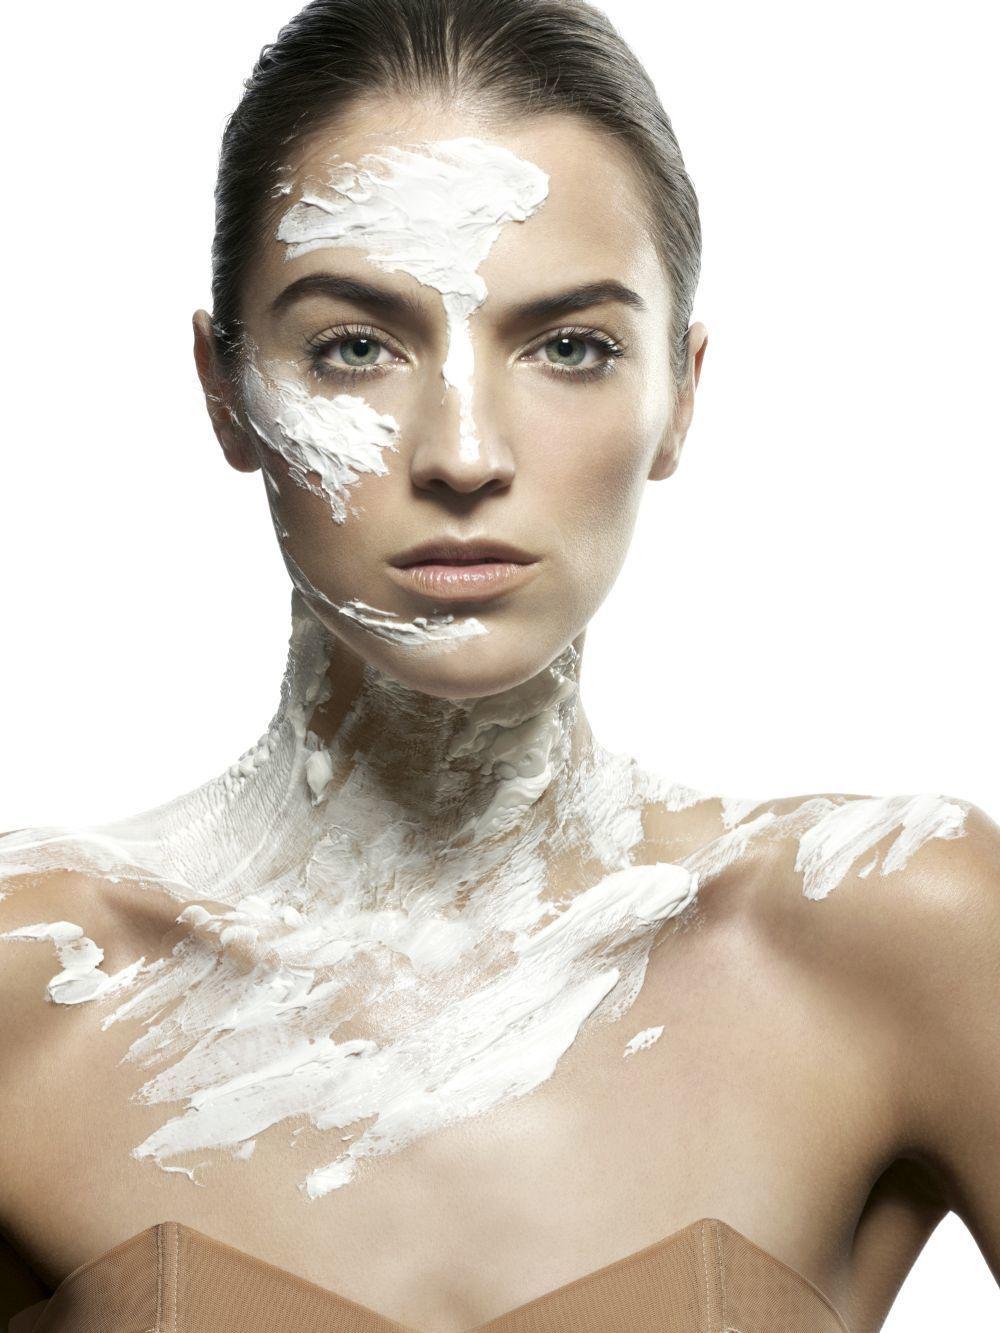 Elige aquí tu crema hidratante low cost para cuidar tu piel.